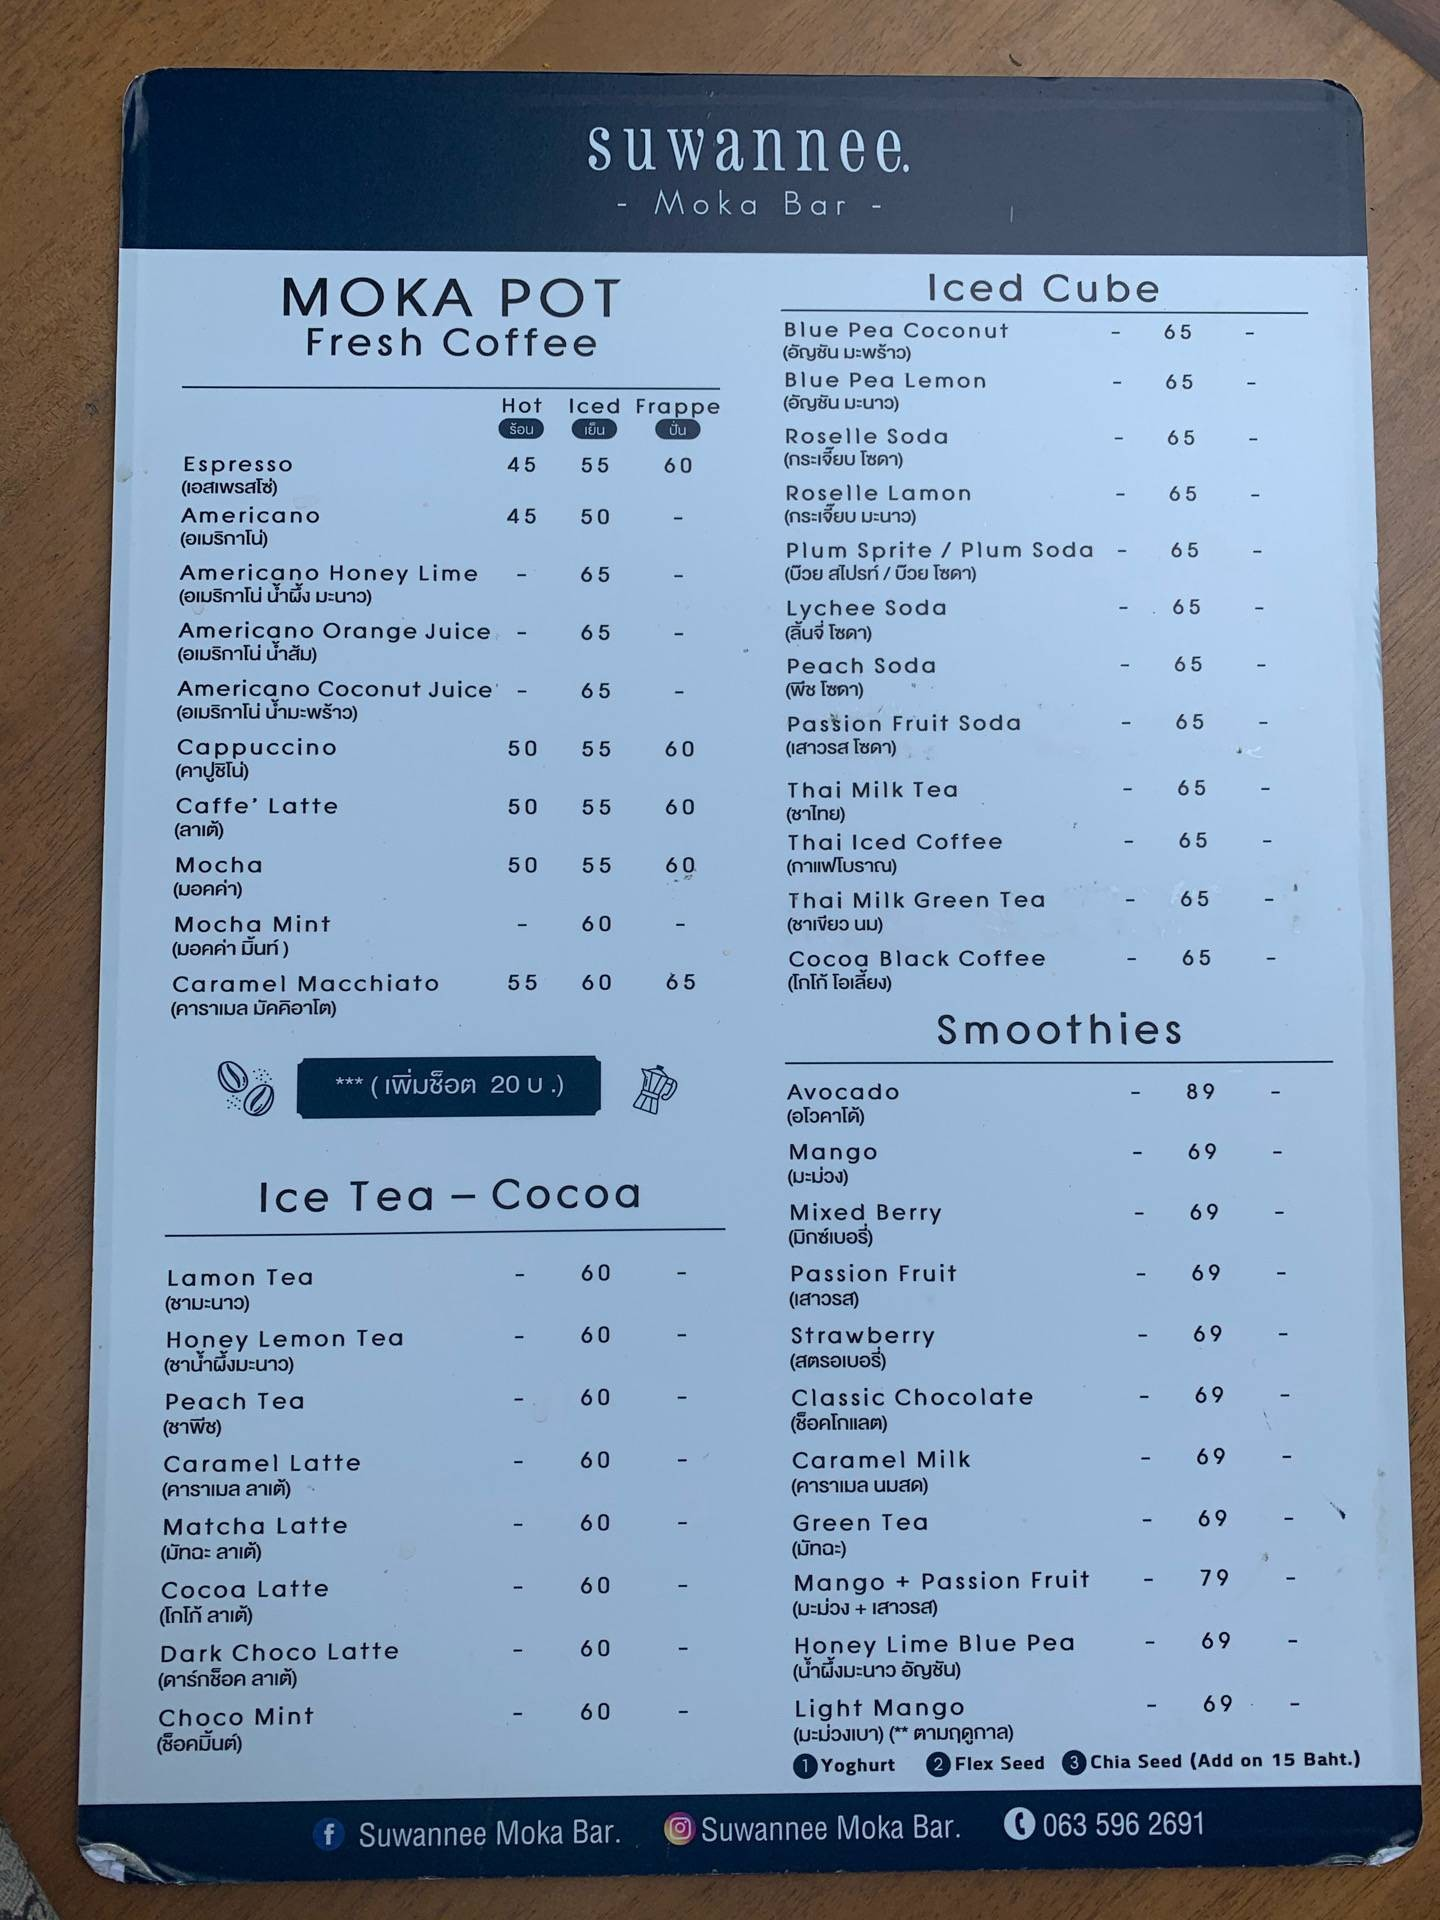 Suwannee Moka Bar